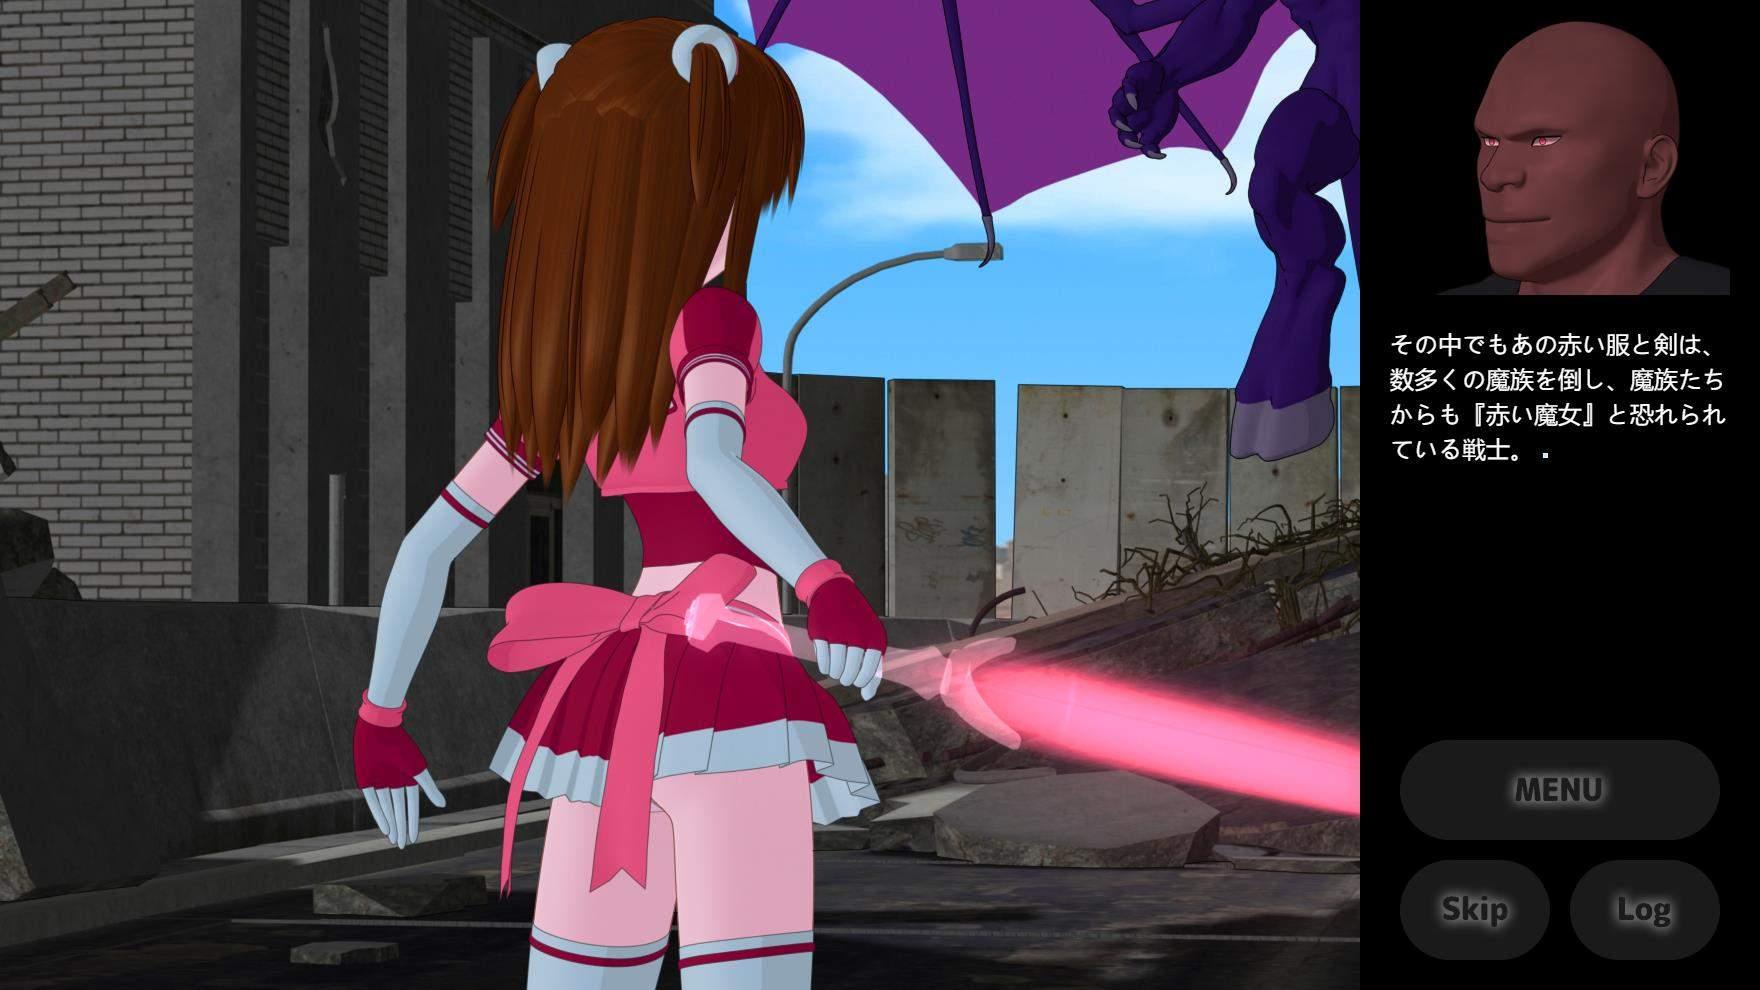 强制屈从魔法少女~莉莉娜与龌龊兄弟 DL正式版